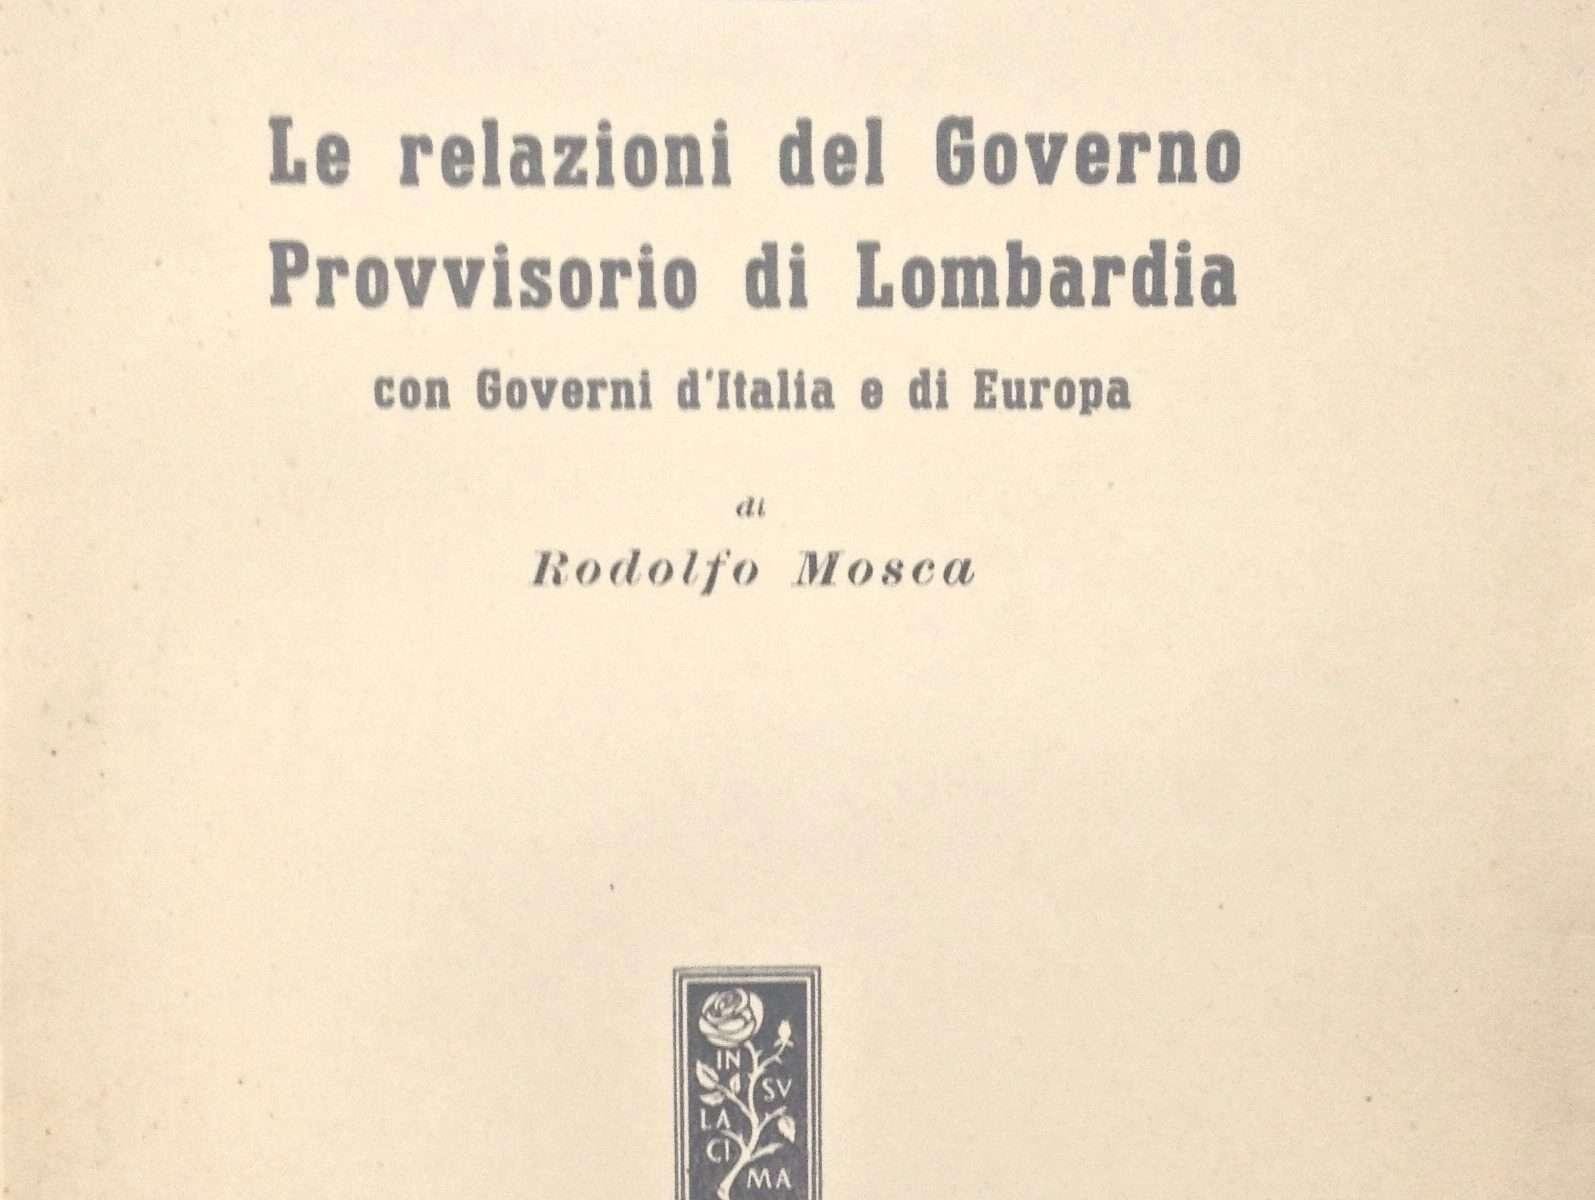 LE RELAZIONI DEL GOVERNO PROVVISORIO DI LOMBARDIA  <BR/> Rodolfo Mosca